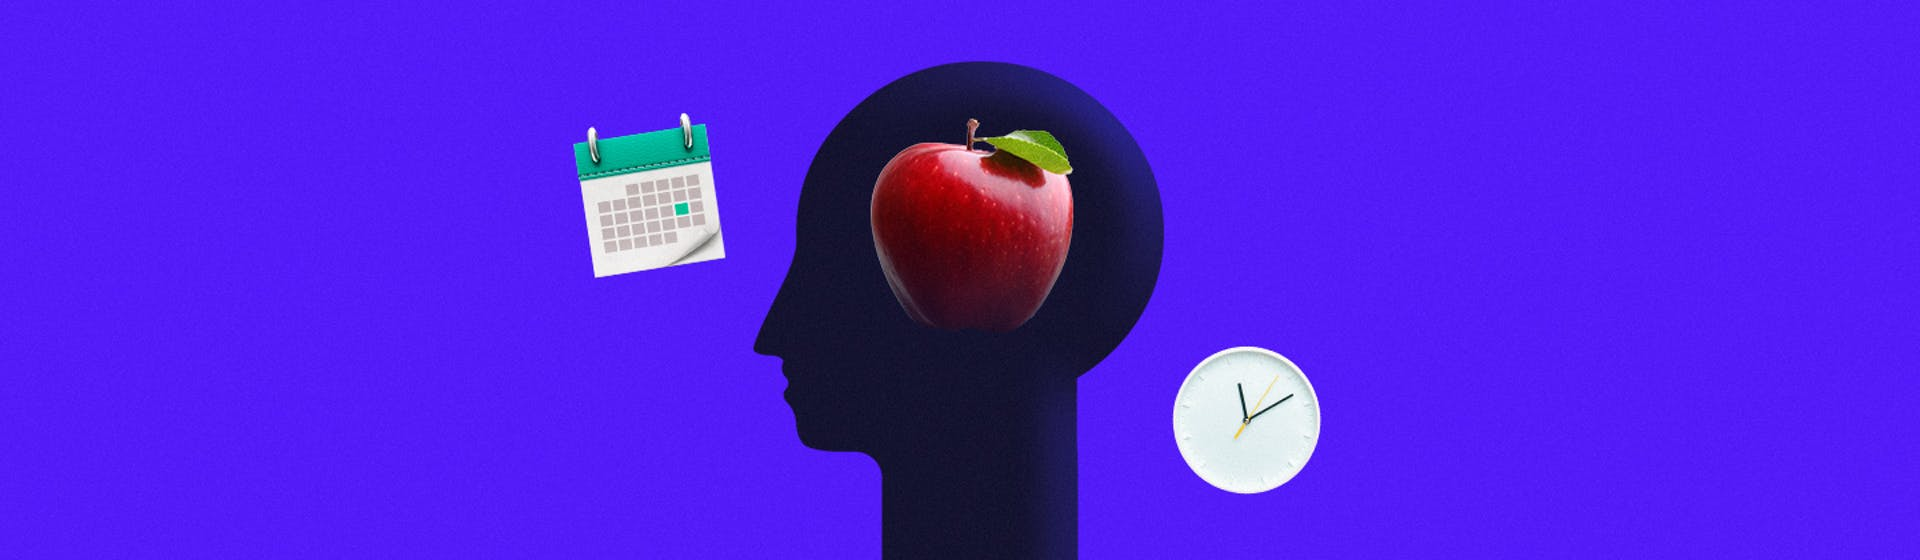 ¿Cómo tener hábitos saludables? ¡Entrena tu mente y elimina conductas tóxicas!